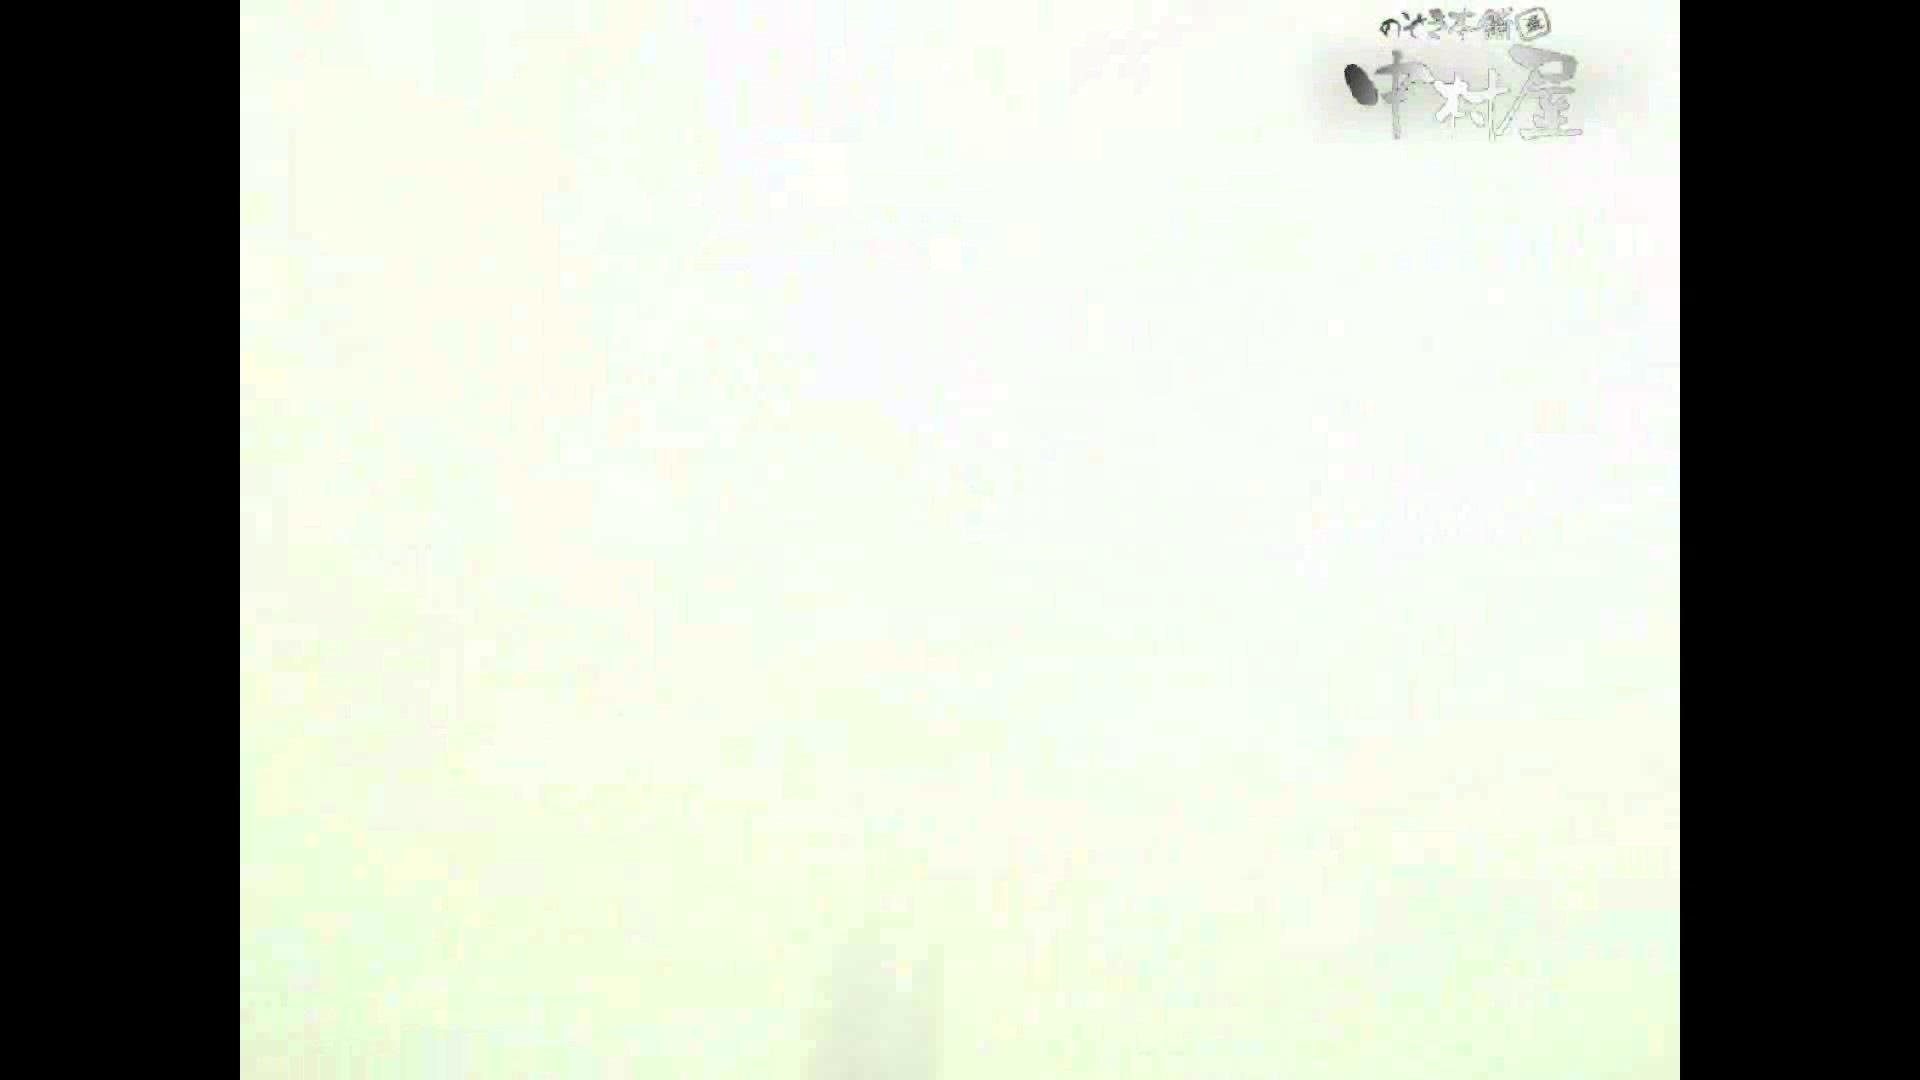 岩手県在住盗撮師盗撮記録vol.40 接写 オメコ動画キャプチャ 63枚 39